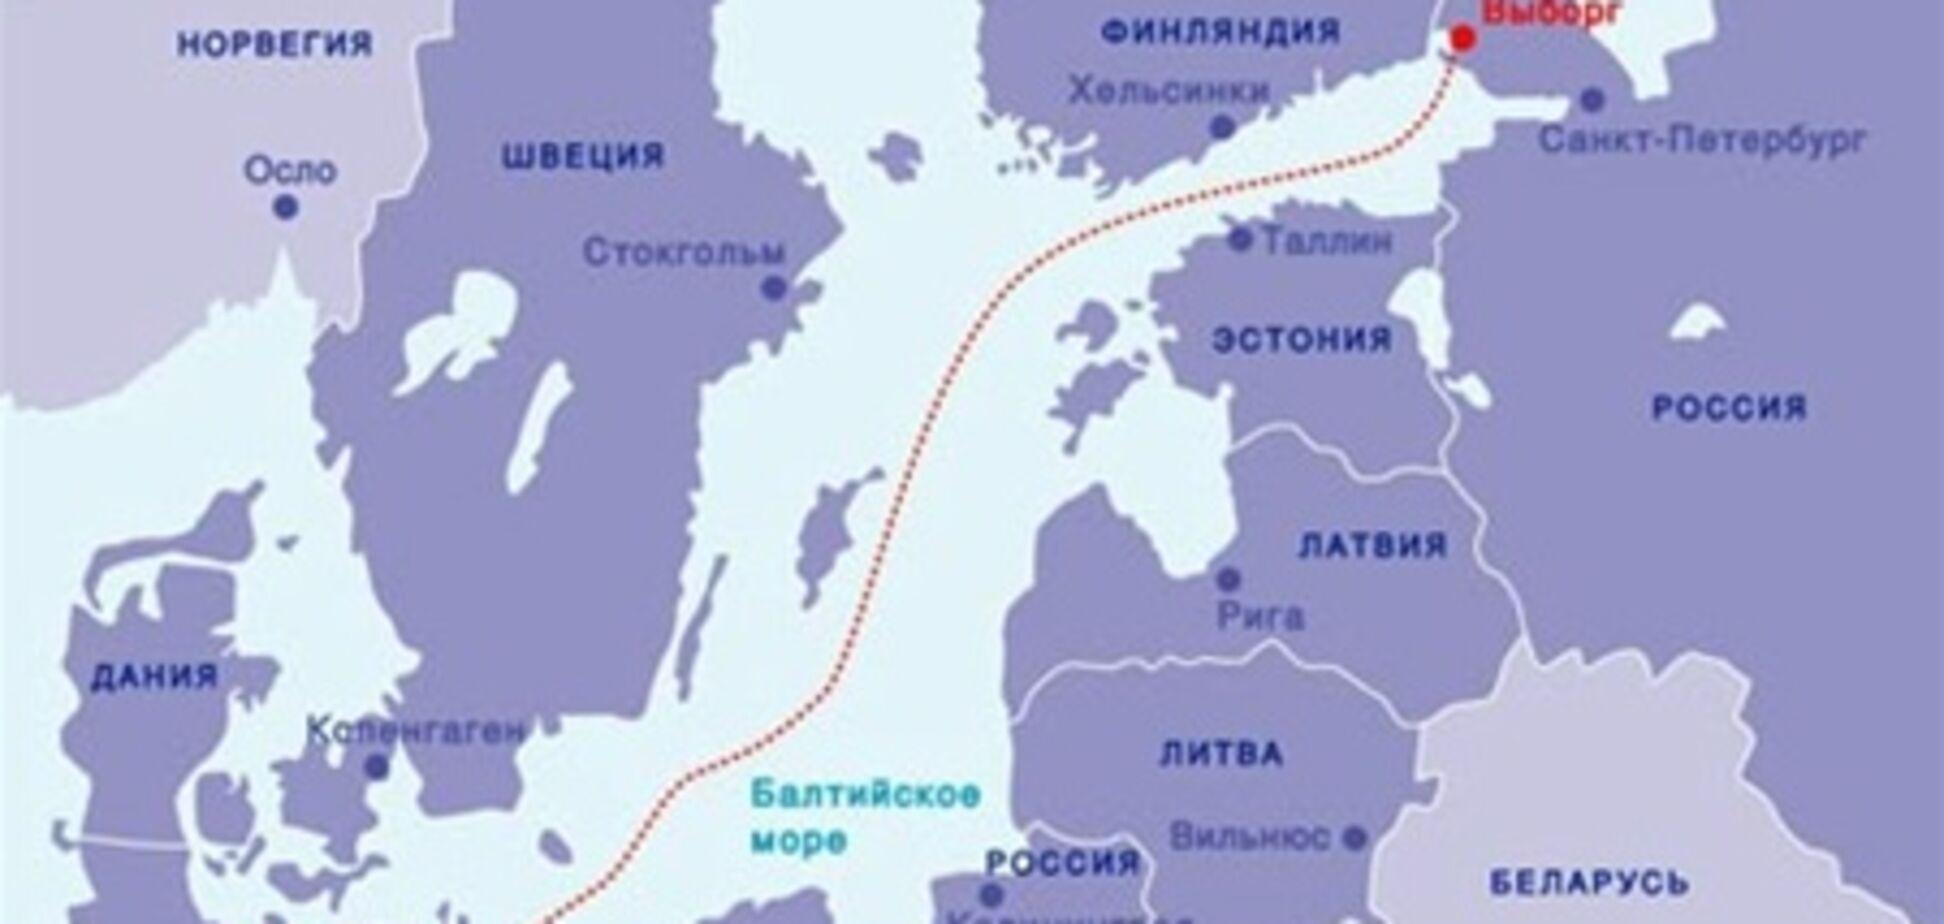 'Северный поток' доставил в Германию первые кубометры газа